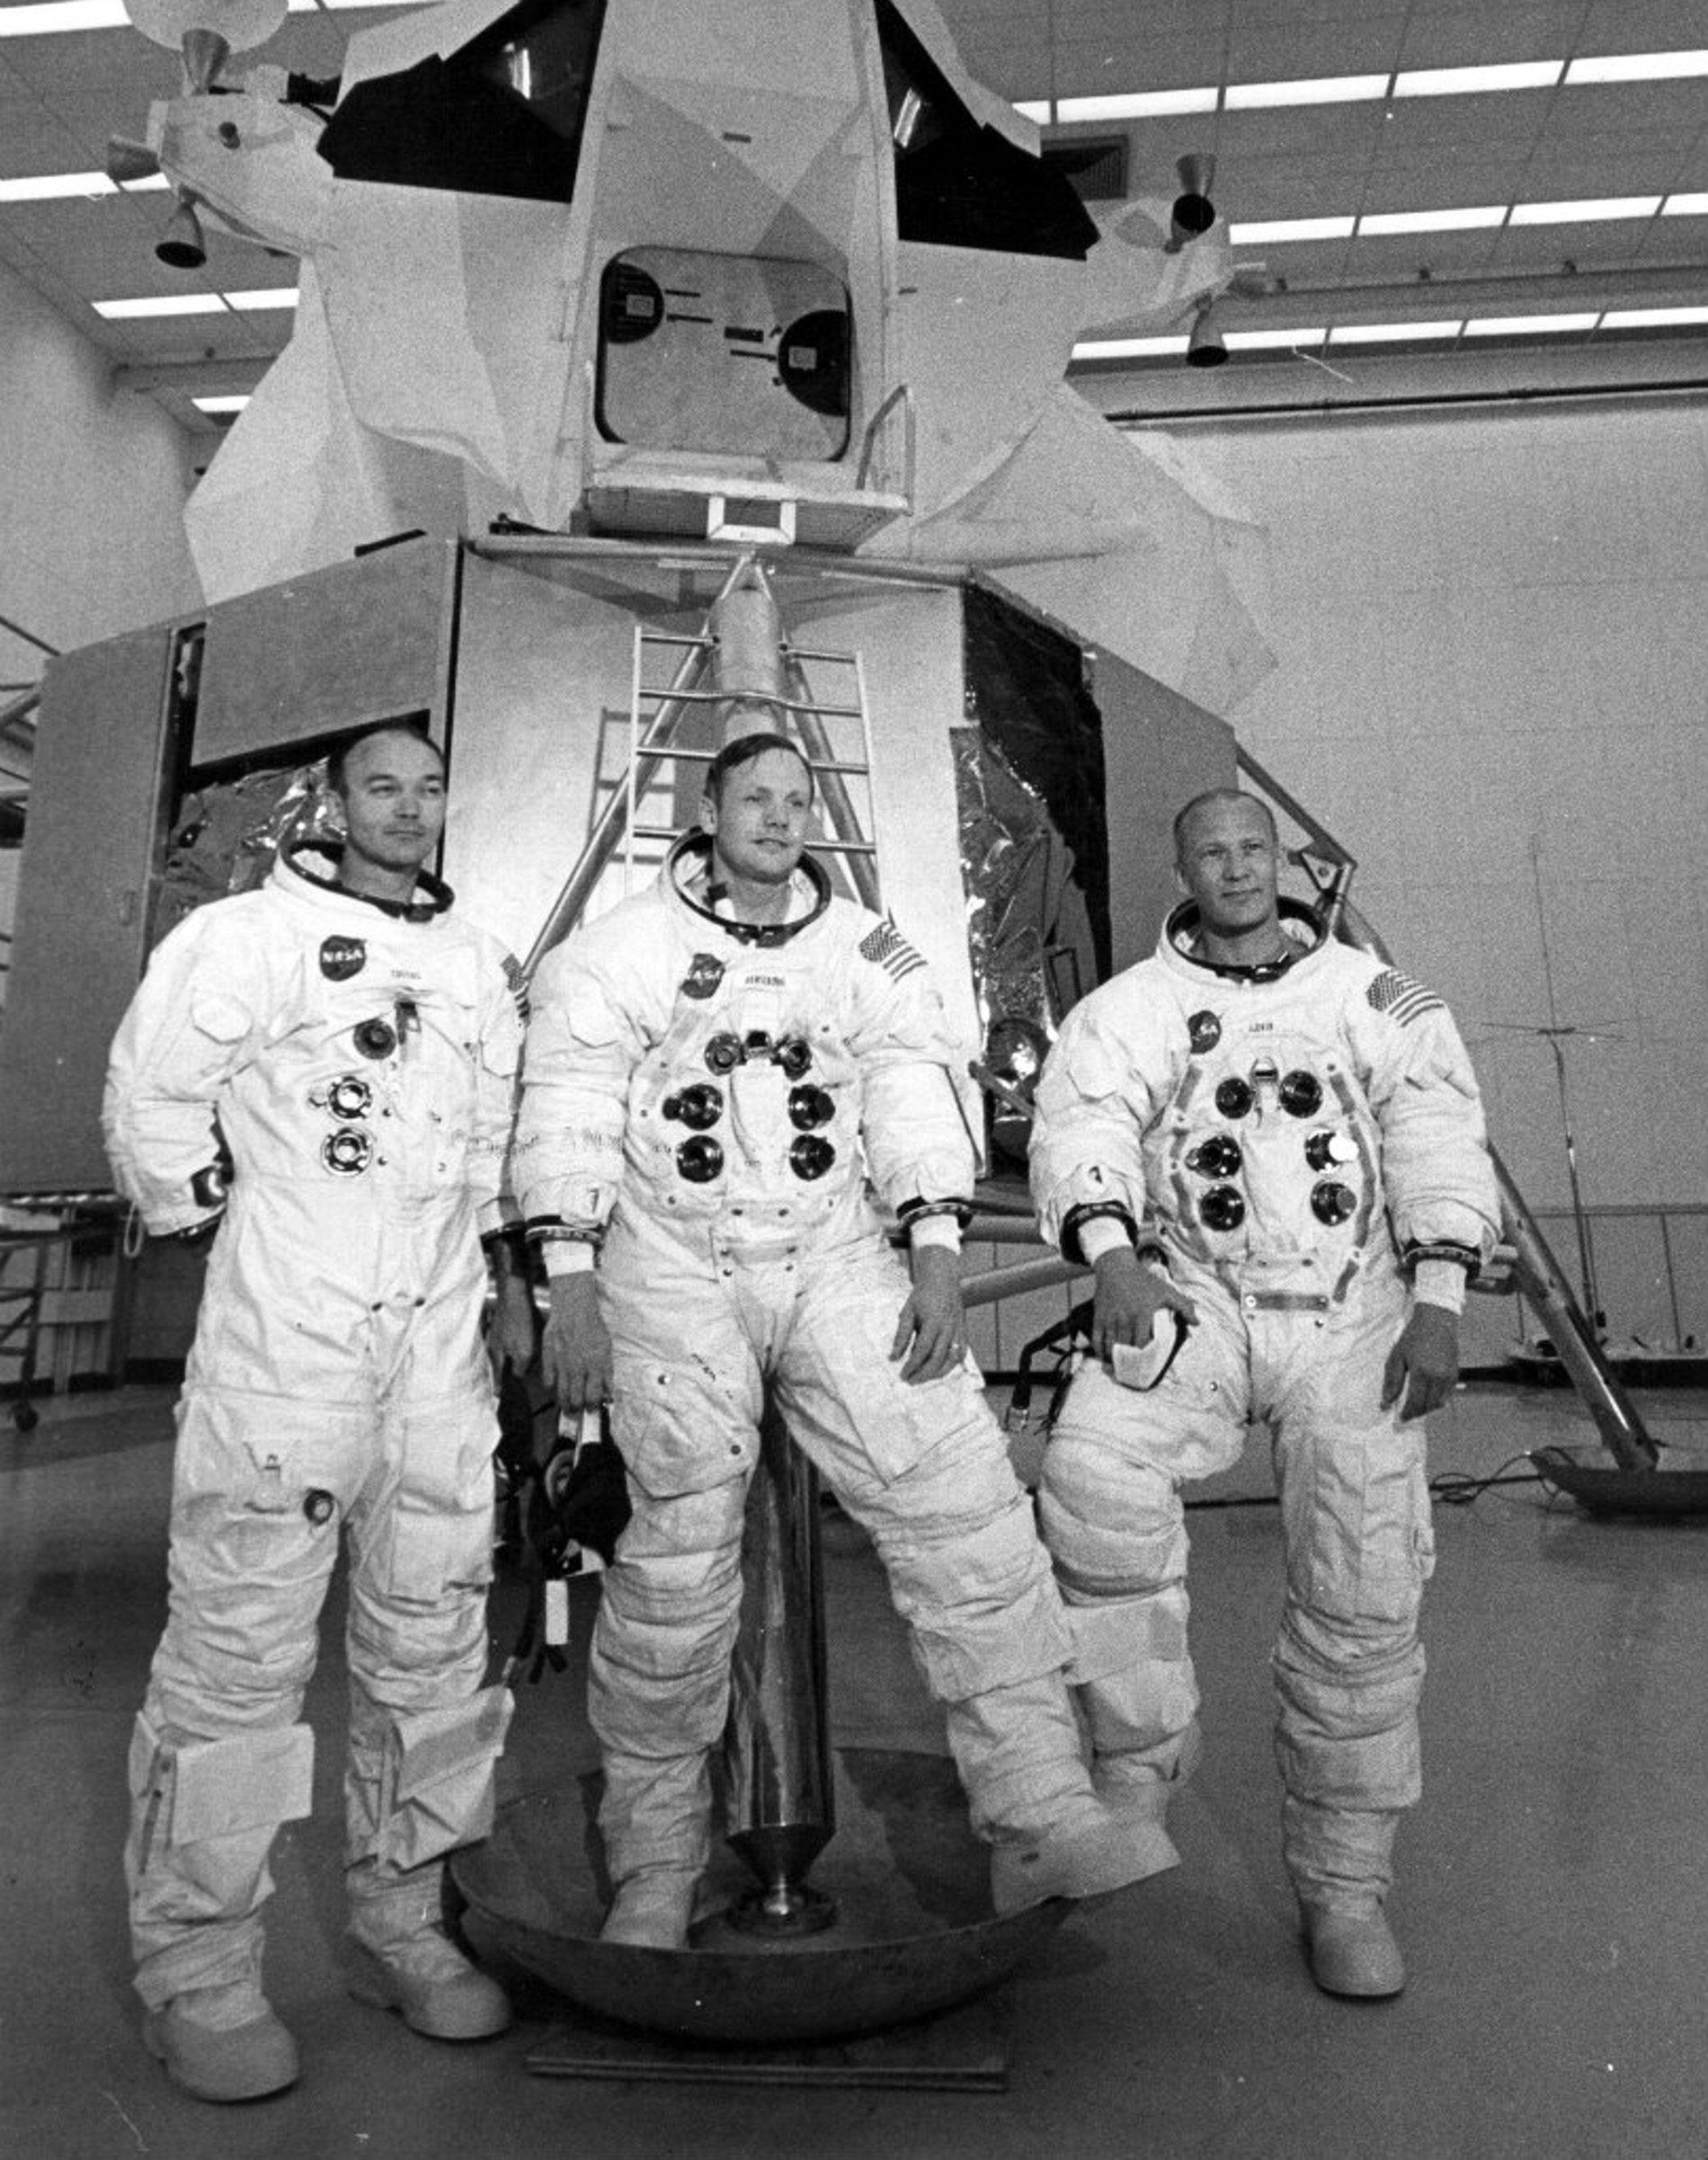 astronauts apollo 11 visite - HD1225×1600